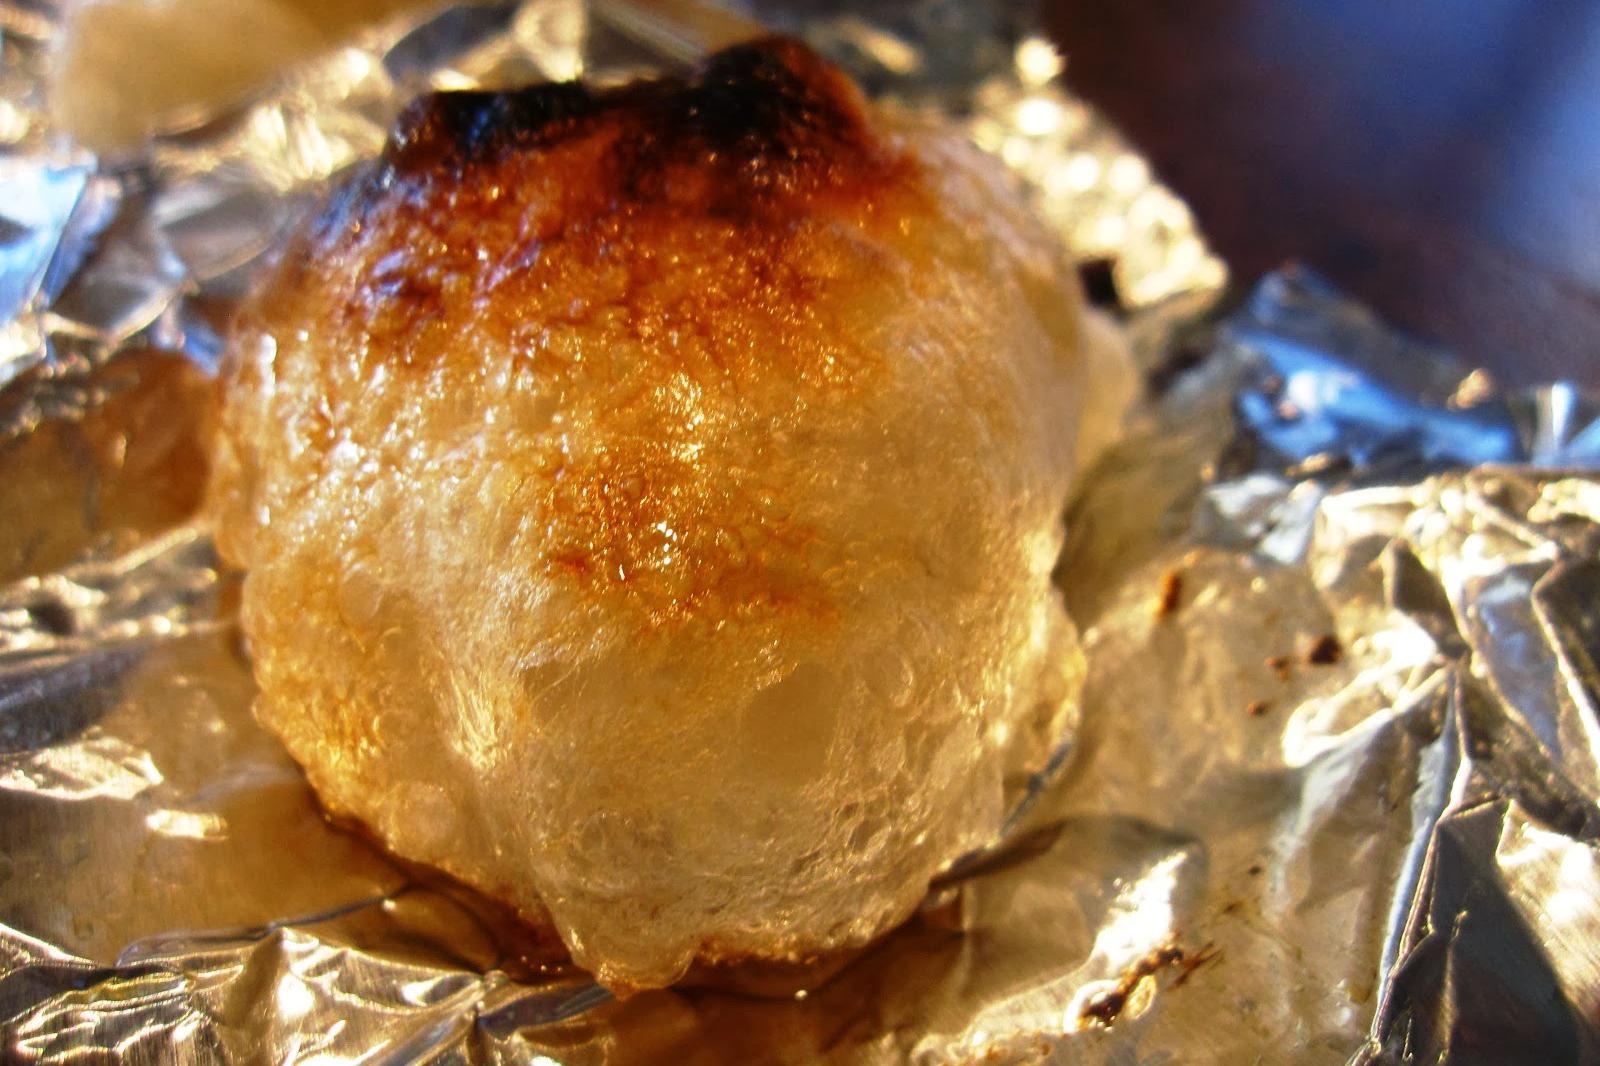 咸香滚烫的味噌汤,配着淡淡甜味、超弹牙的麻糬,真是简单又美味